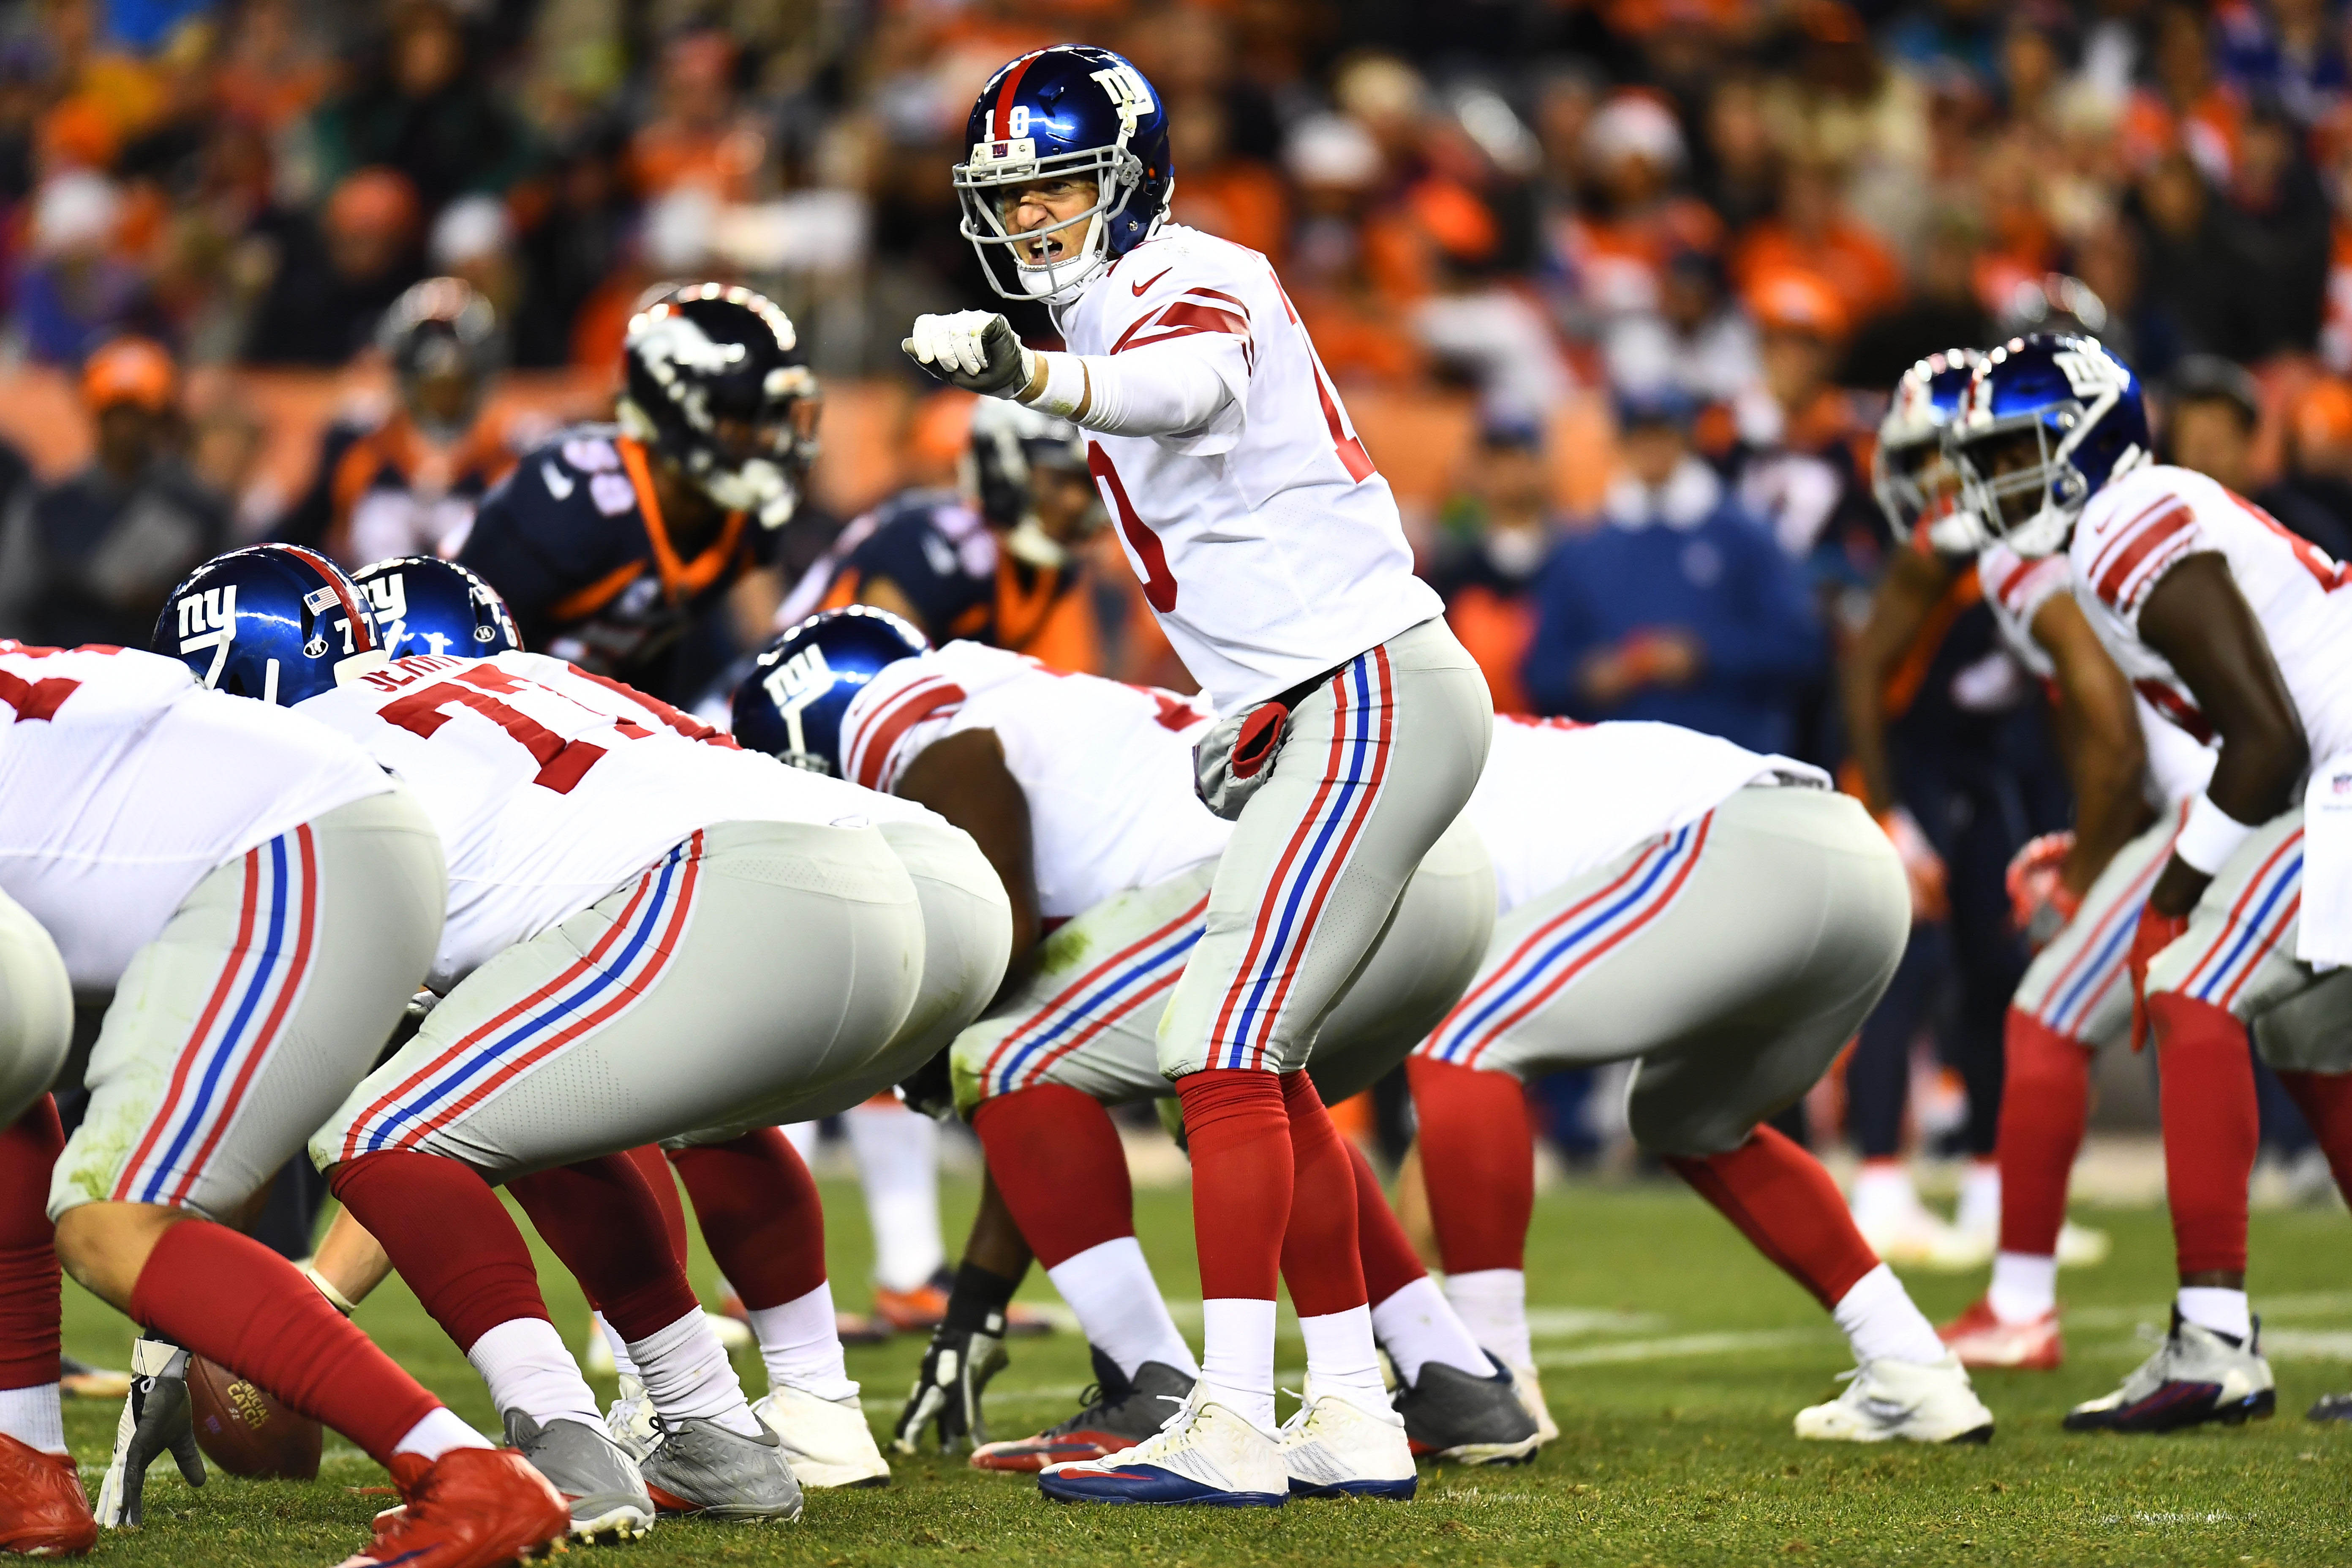 NFL: New York Giants at Denver Broncos